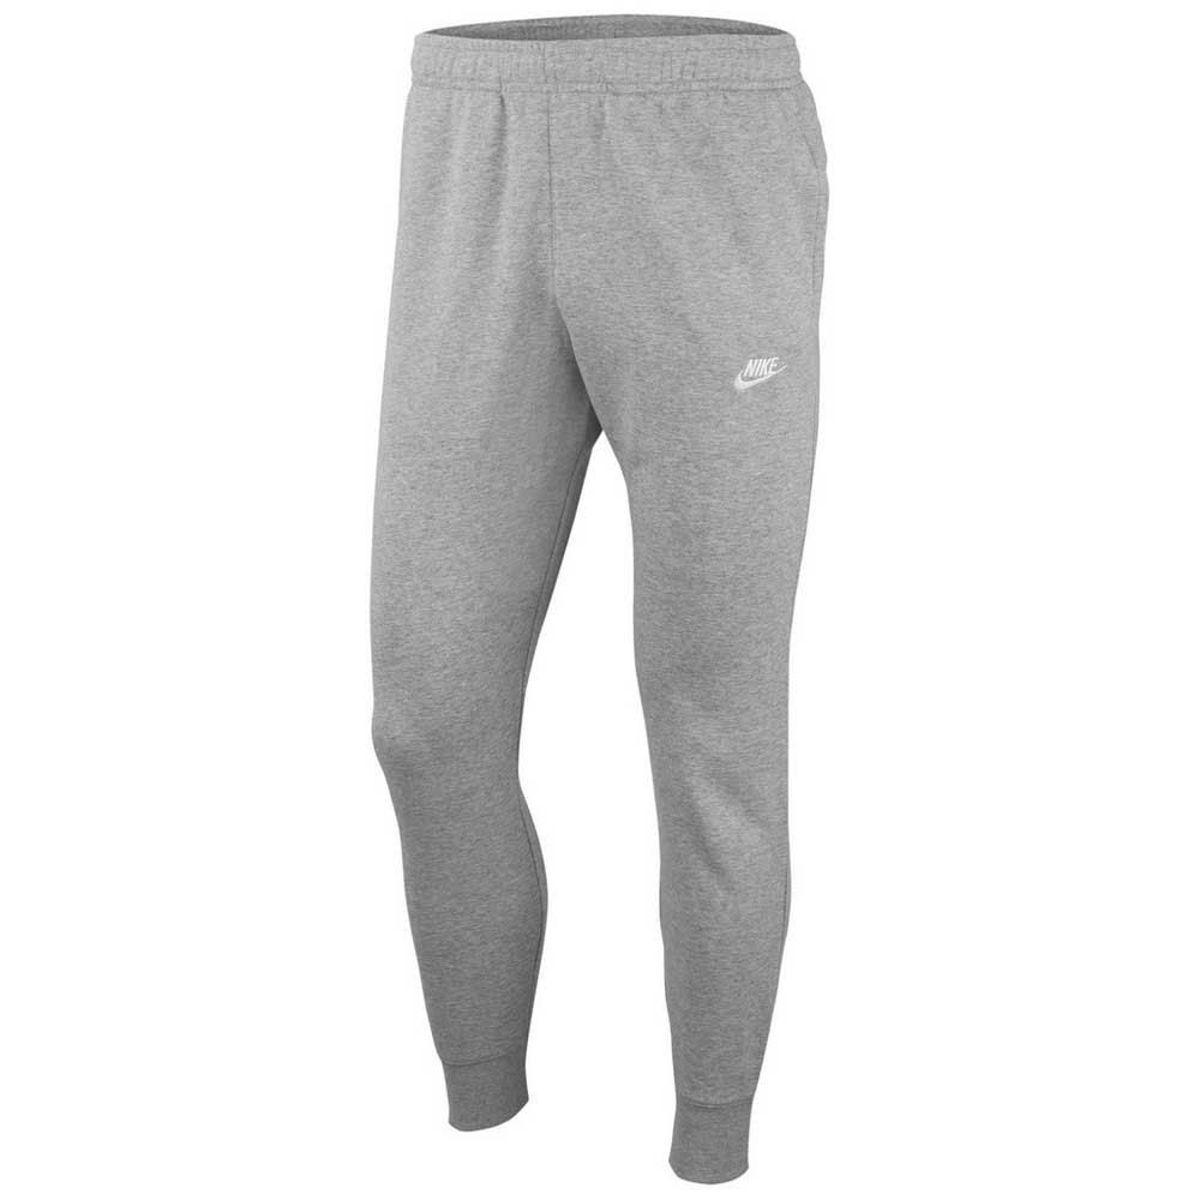 Bilde av Sportswear Club Men's Joggers